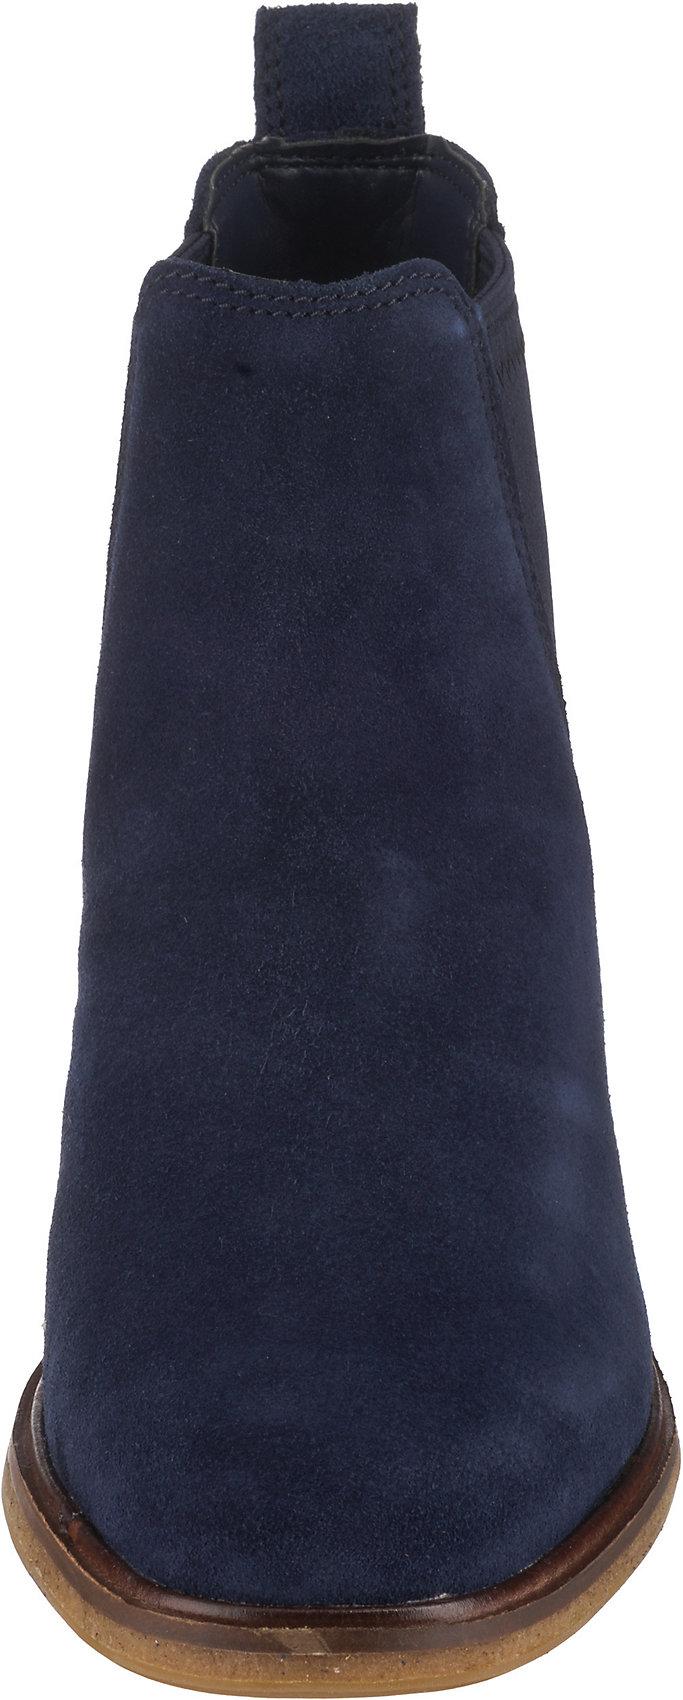 Details zu Neu Clarks Clarkdale Arlo Chelsea Boots 8606869 für Damen